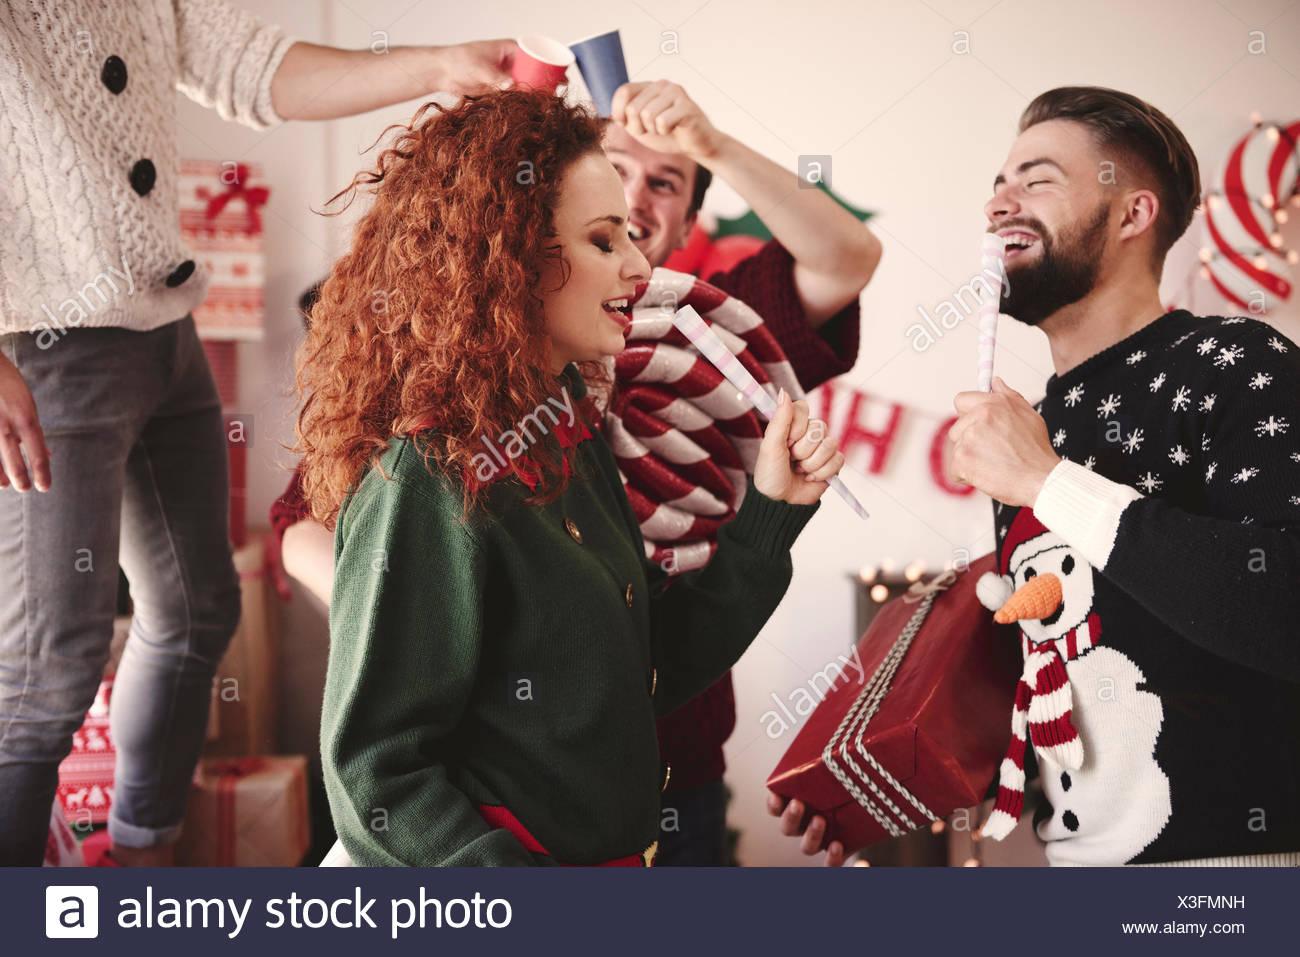 Jeune homme et femme chantant avec microphones prétendre at Christmas party Photo Stock